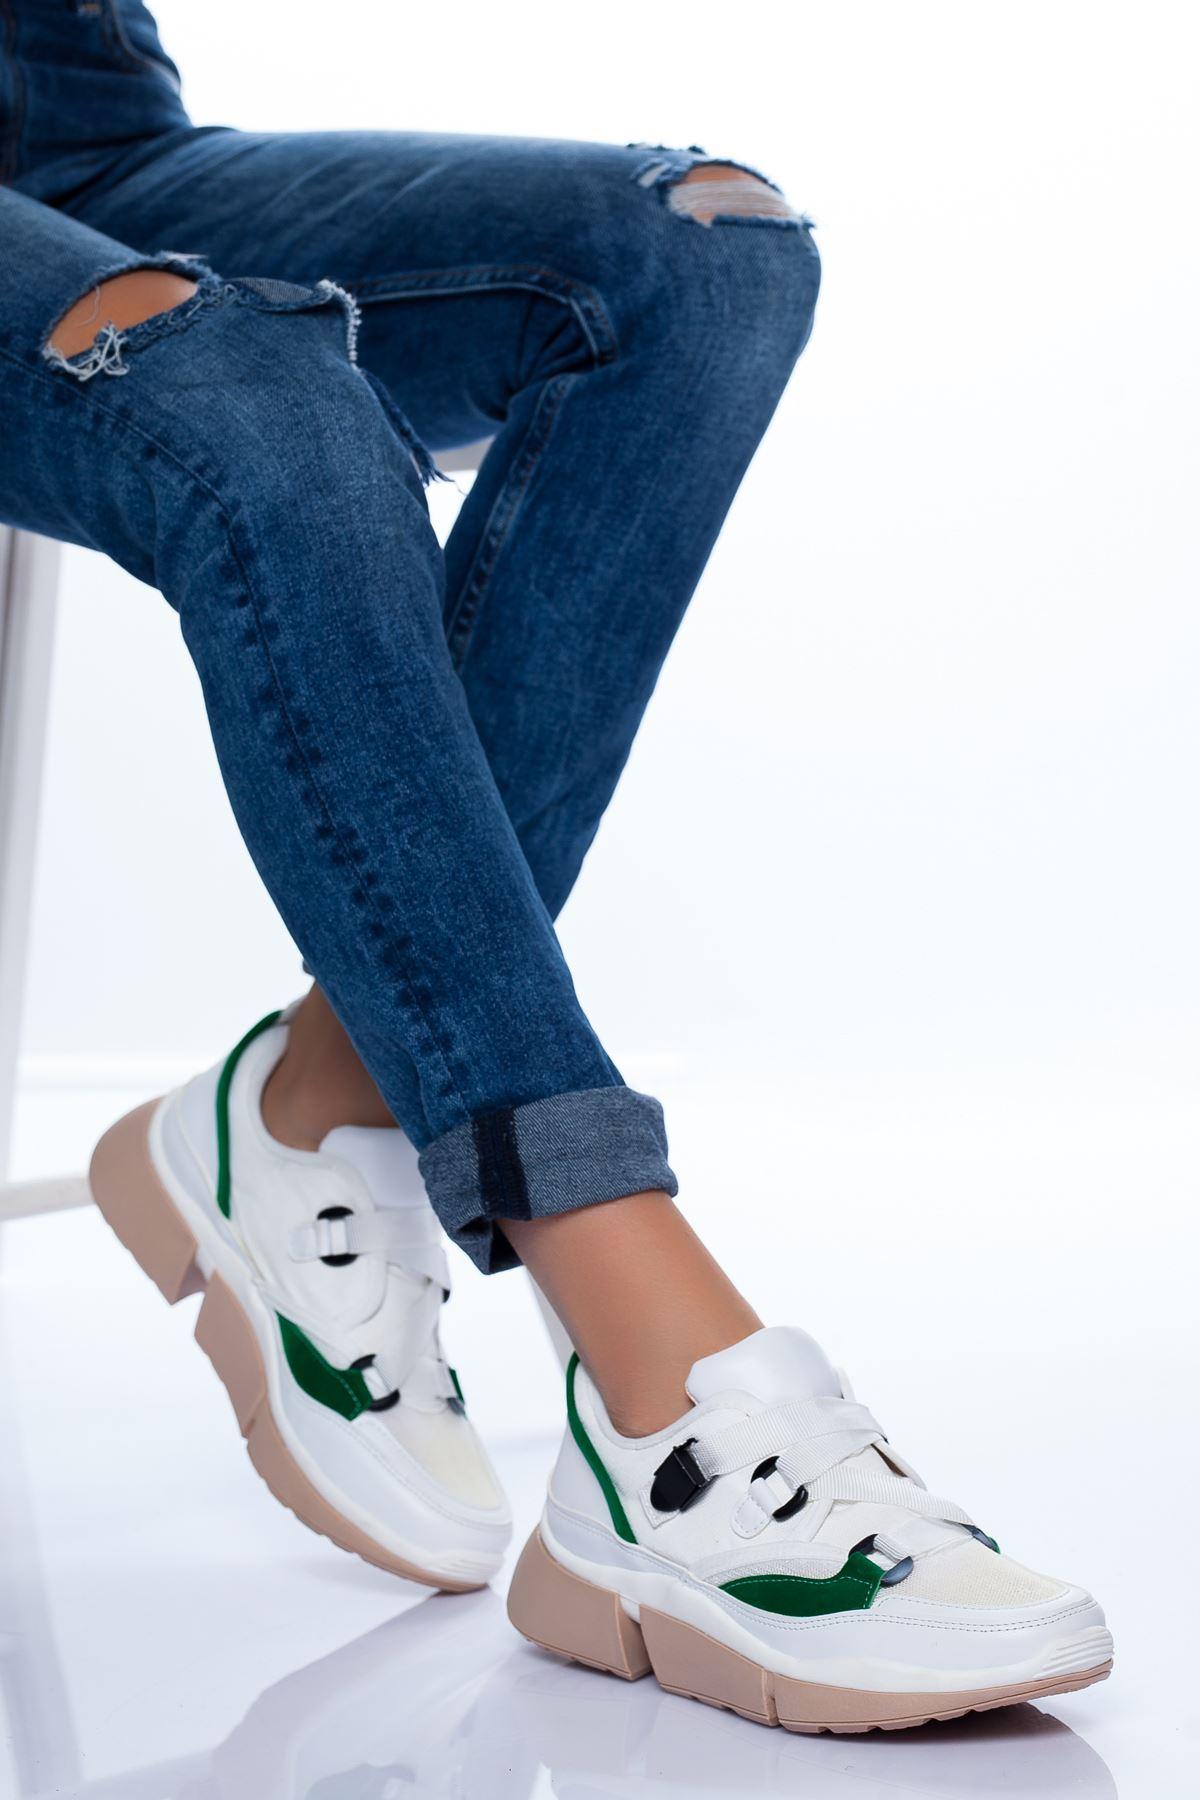 Cindy Spor Ayakkabı BEYAZ-YESİL